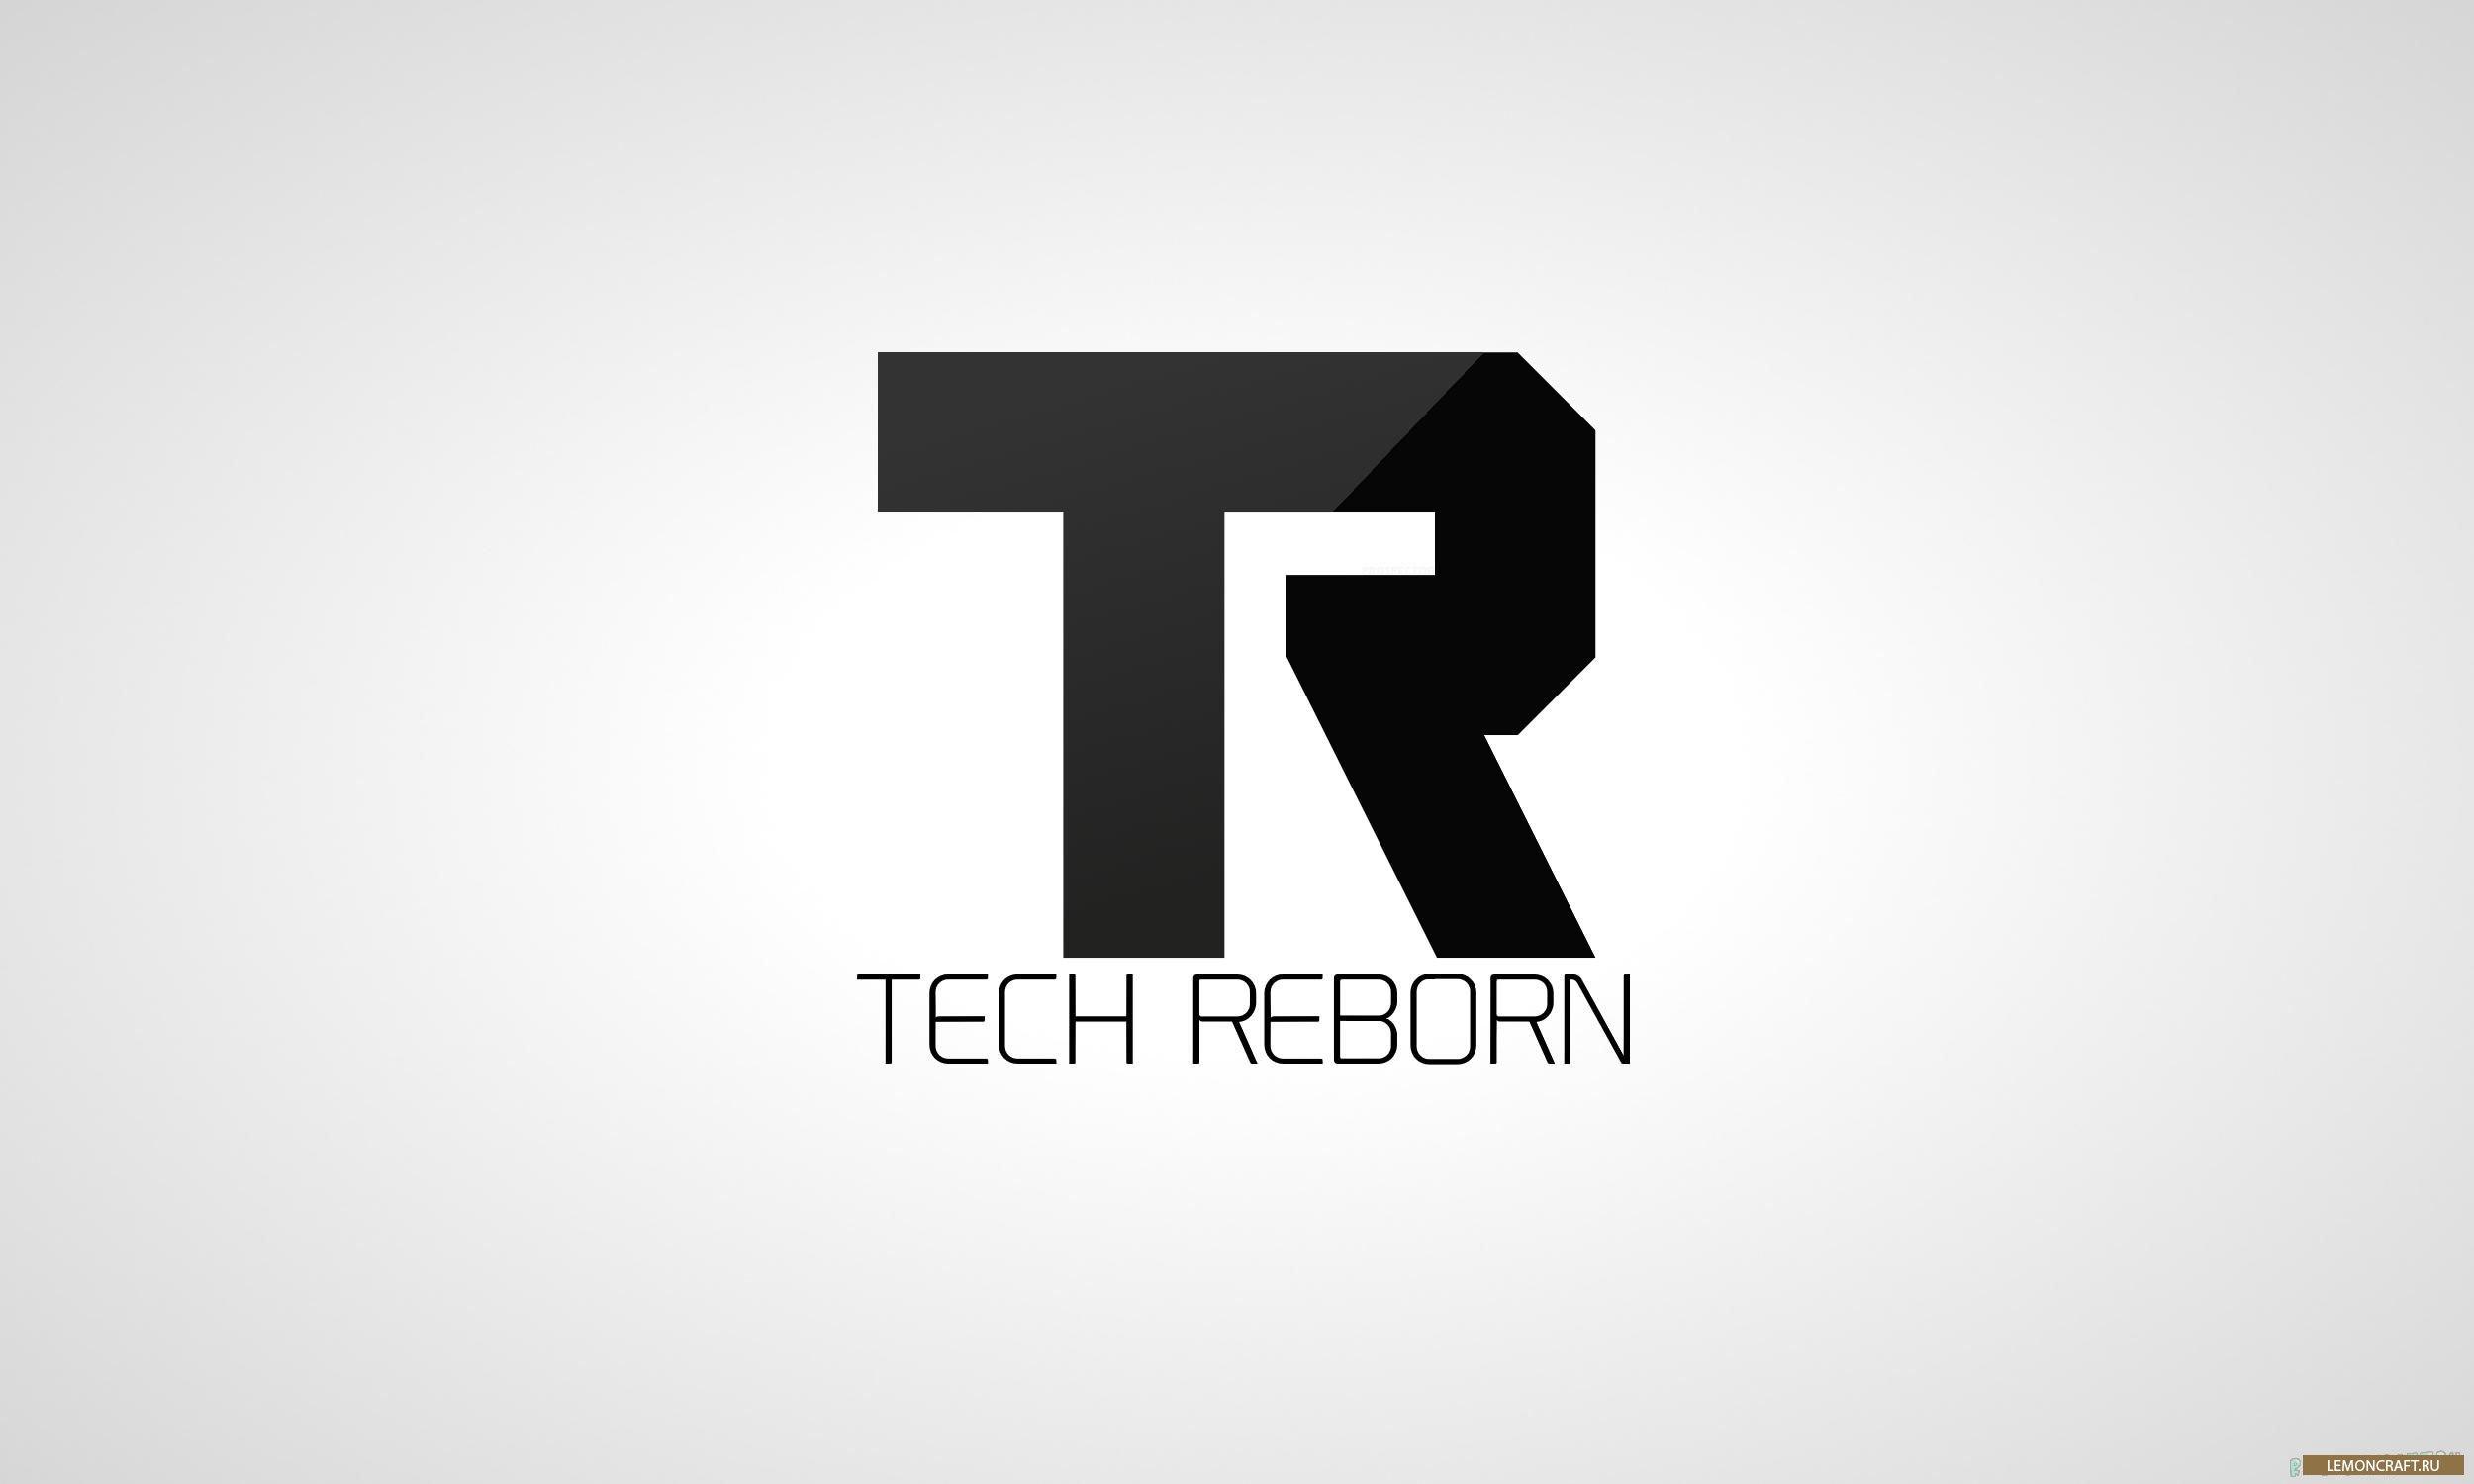 Мод на новые вещи и механизмы Tech Reborn [1.12.2] [1.11.2] [1.10.2] [1.9.4]